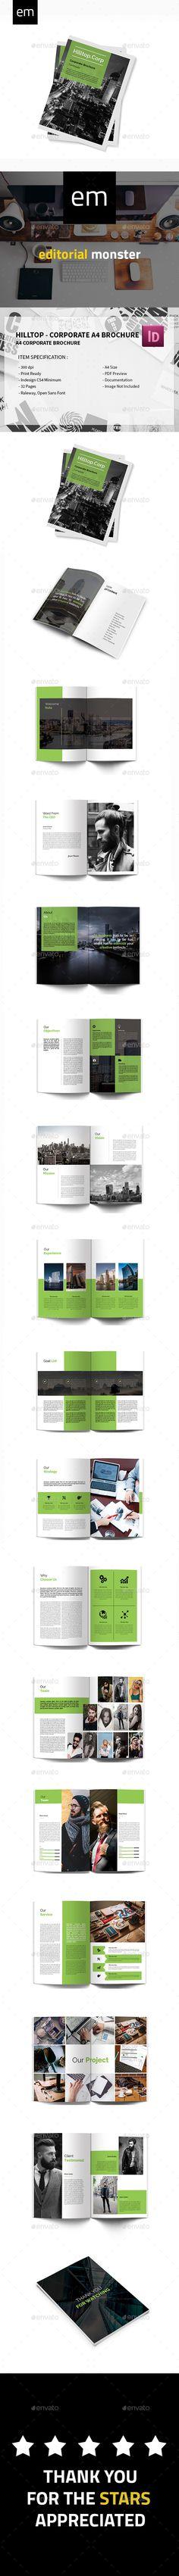 Hilltop - Corporate A4 Brochure